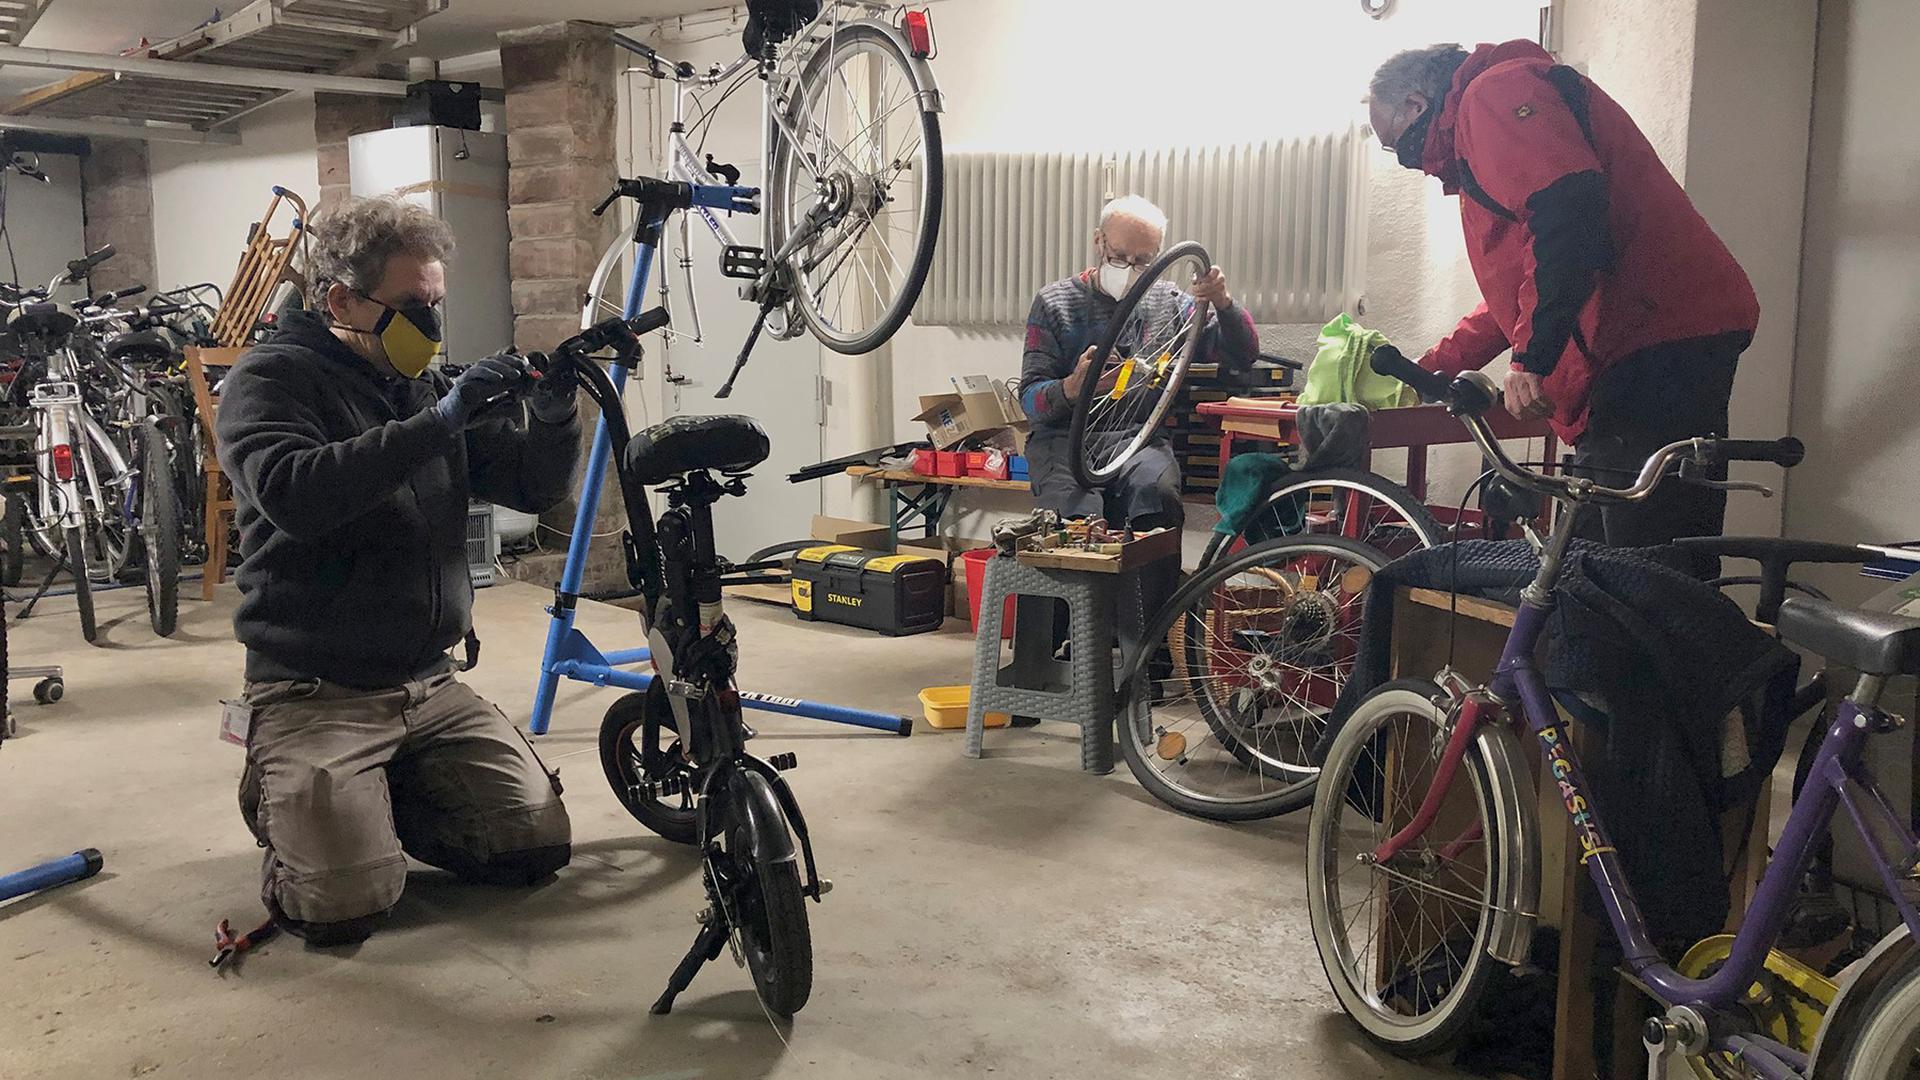 Ersatzwerkstatt in der Doppelgarage  Während der Corona-Zeit reparieren Stefan Quellmalz, Werner Stiffel und Manfred Krause (von links) von der Schraubergruppe die Fahrräder auf privatem Grund.